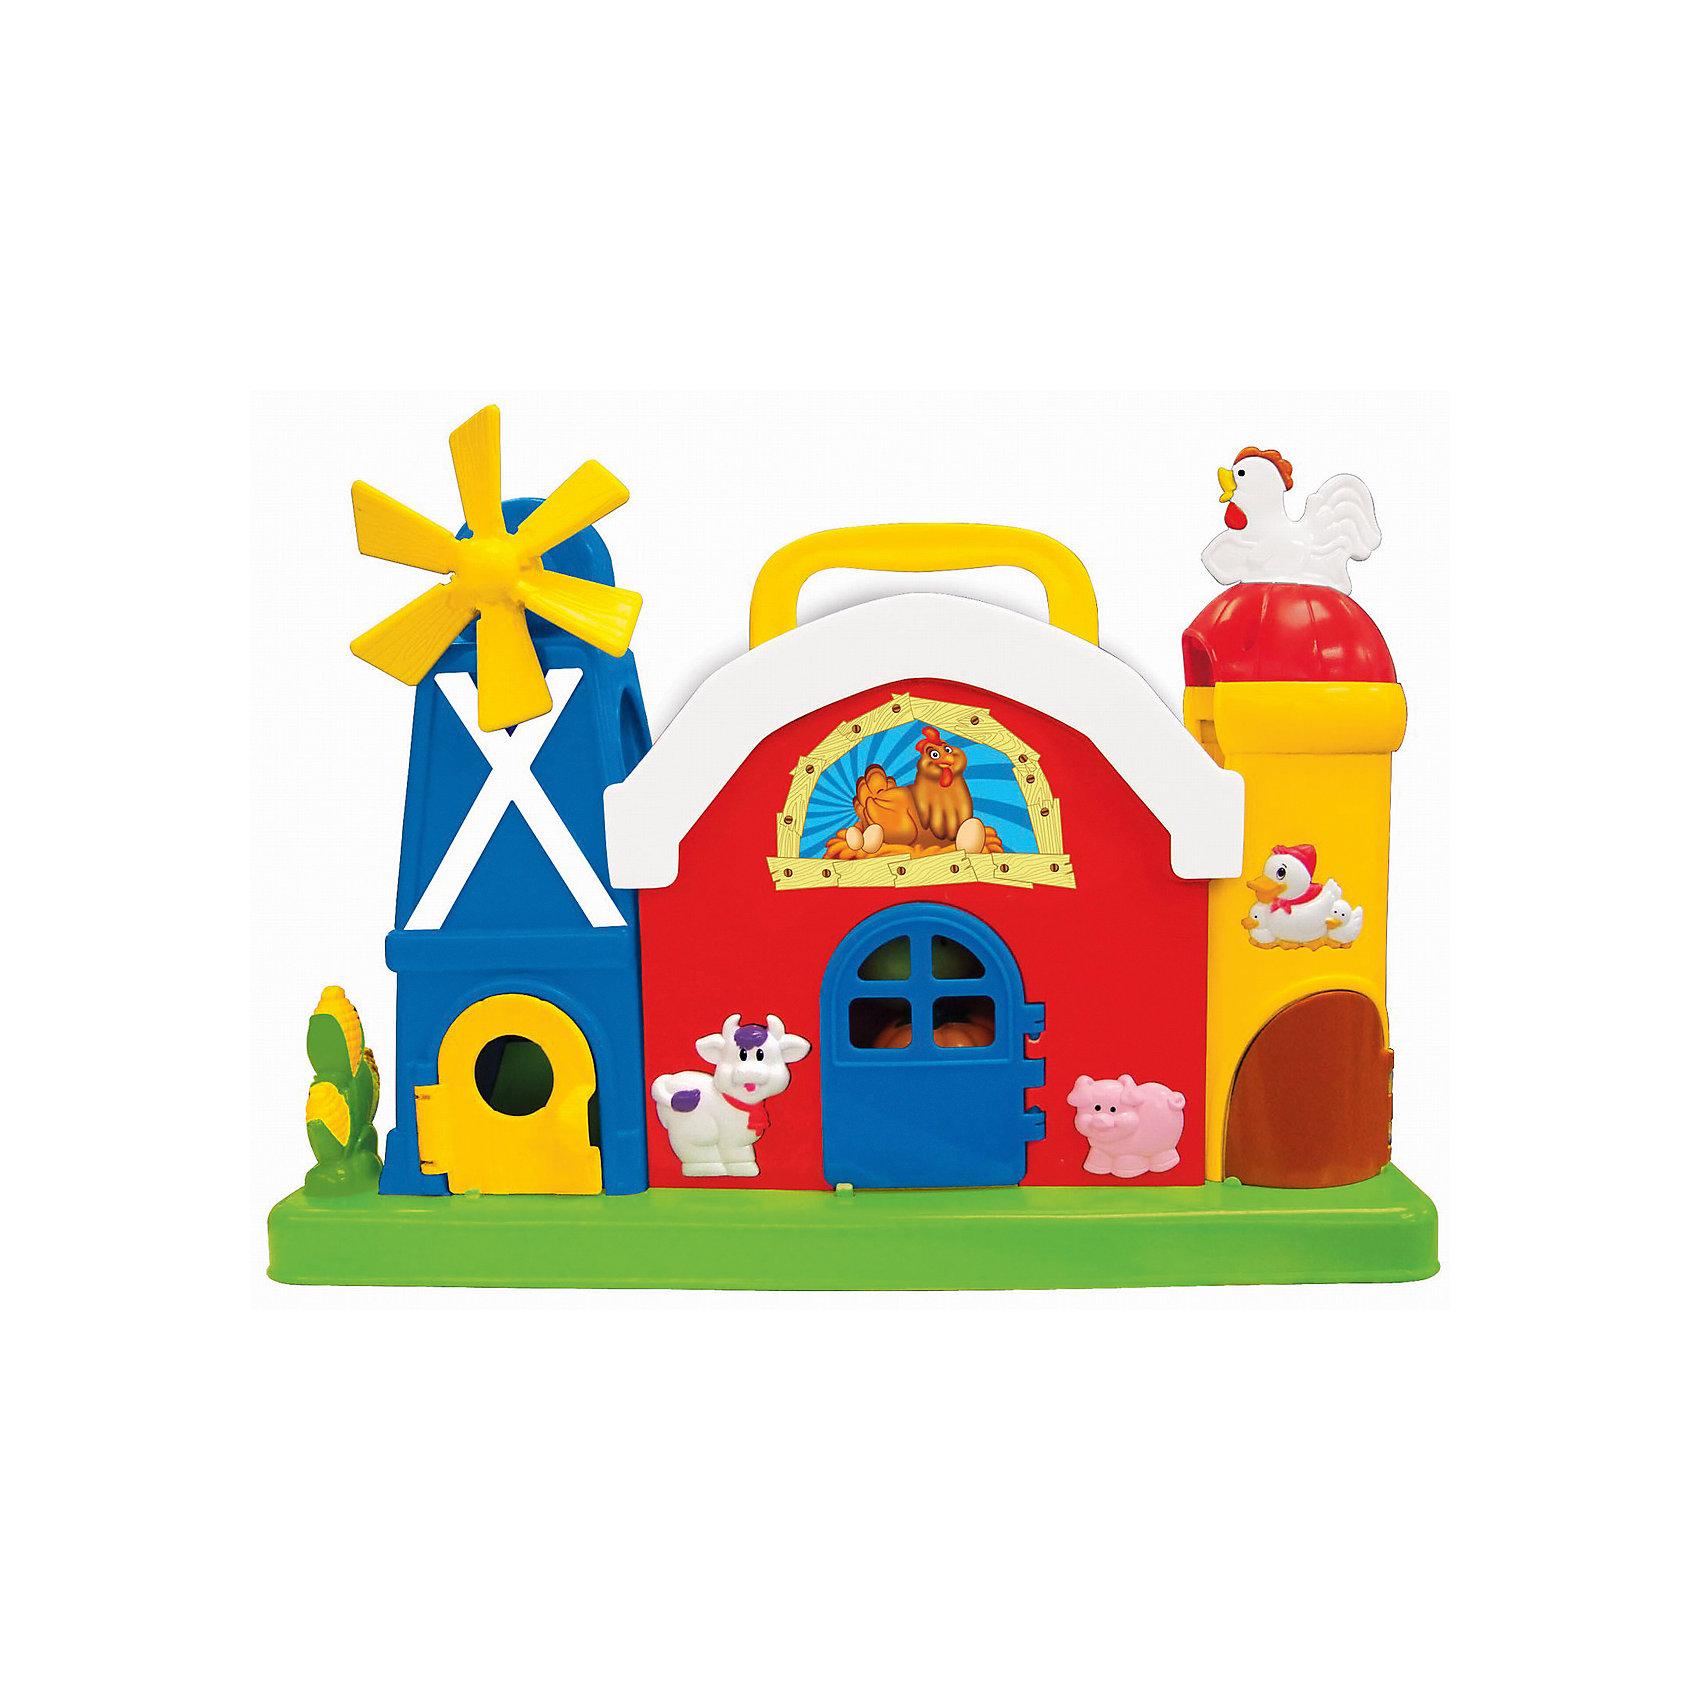 Развивающий центр Ферма с мельницей, KiddielandИгровые столики и центры<br>Развивающий центр Ферма с мельницей, Kiddieland<br><br>Характеристики:<br>- В набор входит: игрушка, элементы питания<br>- Материал: пластик<br>- Элементы питания: батарейки АА, 2 шт.<br>- Размер упаковки: 40 * 12 * 29 см.<br>Развивающий центр Ферма с мельницей от известного китайского бренда игрушек для детей Kiddieland (Киддилэнд) будет прекрасным подарком для ребенка. Целая ферма для развития и веселья! Разнообразные функции и отличные мелодии не оставят равнодушными к игрушке. В комплект входят три веселых овоща: помидорку, тыковку и капусту, которых нужно класть на крышу фермы, чтобы они скатились по мостику и оказались в одной из башен. После попадания в башню открывается дверка и овощ выкатывается из нее. Нажимая на разные кнопочки можно открывать дверки, слушать песенки и как говорят животные на ферме. Если покрутить курочку, то она закудахчет, мельница тоже крутится. Изготовленная из пластика высокого качества, разноцветная игрушка способствует развитию памяти, воображения, восприятия цвета и звука, социальных навыков, моторики рук.<br>Развивающий центр Ферма с мельницей, Kiddieland (Киддилэнд) можно купить в нашем интернет-магазине.<br>Подробнее:<br>• Для детей в возрасте: от 1 до 3 лет<br>• Номер товара: 5054094<br>Страна производитель: Китай<br><br>Ширина мм: 400<br>Глубина мм: 160<br>Высота мм: 180<br>Вес г: 1450<br>Возраст от месяцев: 12<br>Возраст до месяцев: 36<br>Пол: Унисекс<br>Возраст: Детский<br>SKU: 5054094